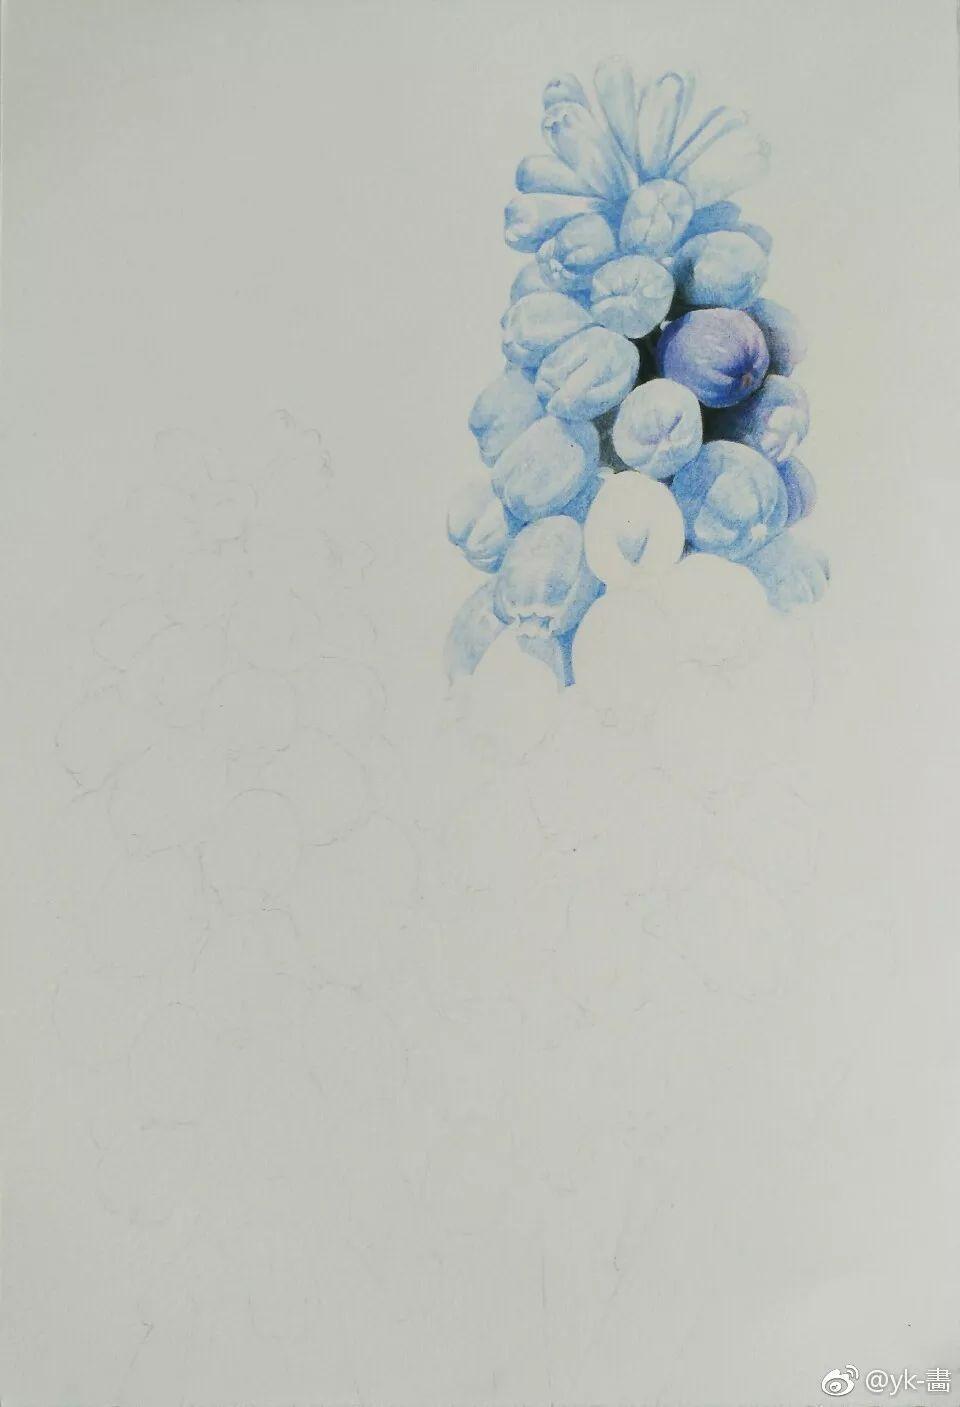 好看蓝色风信子手绘彩铅画